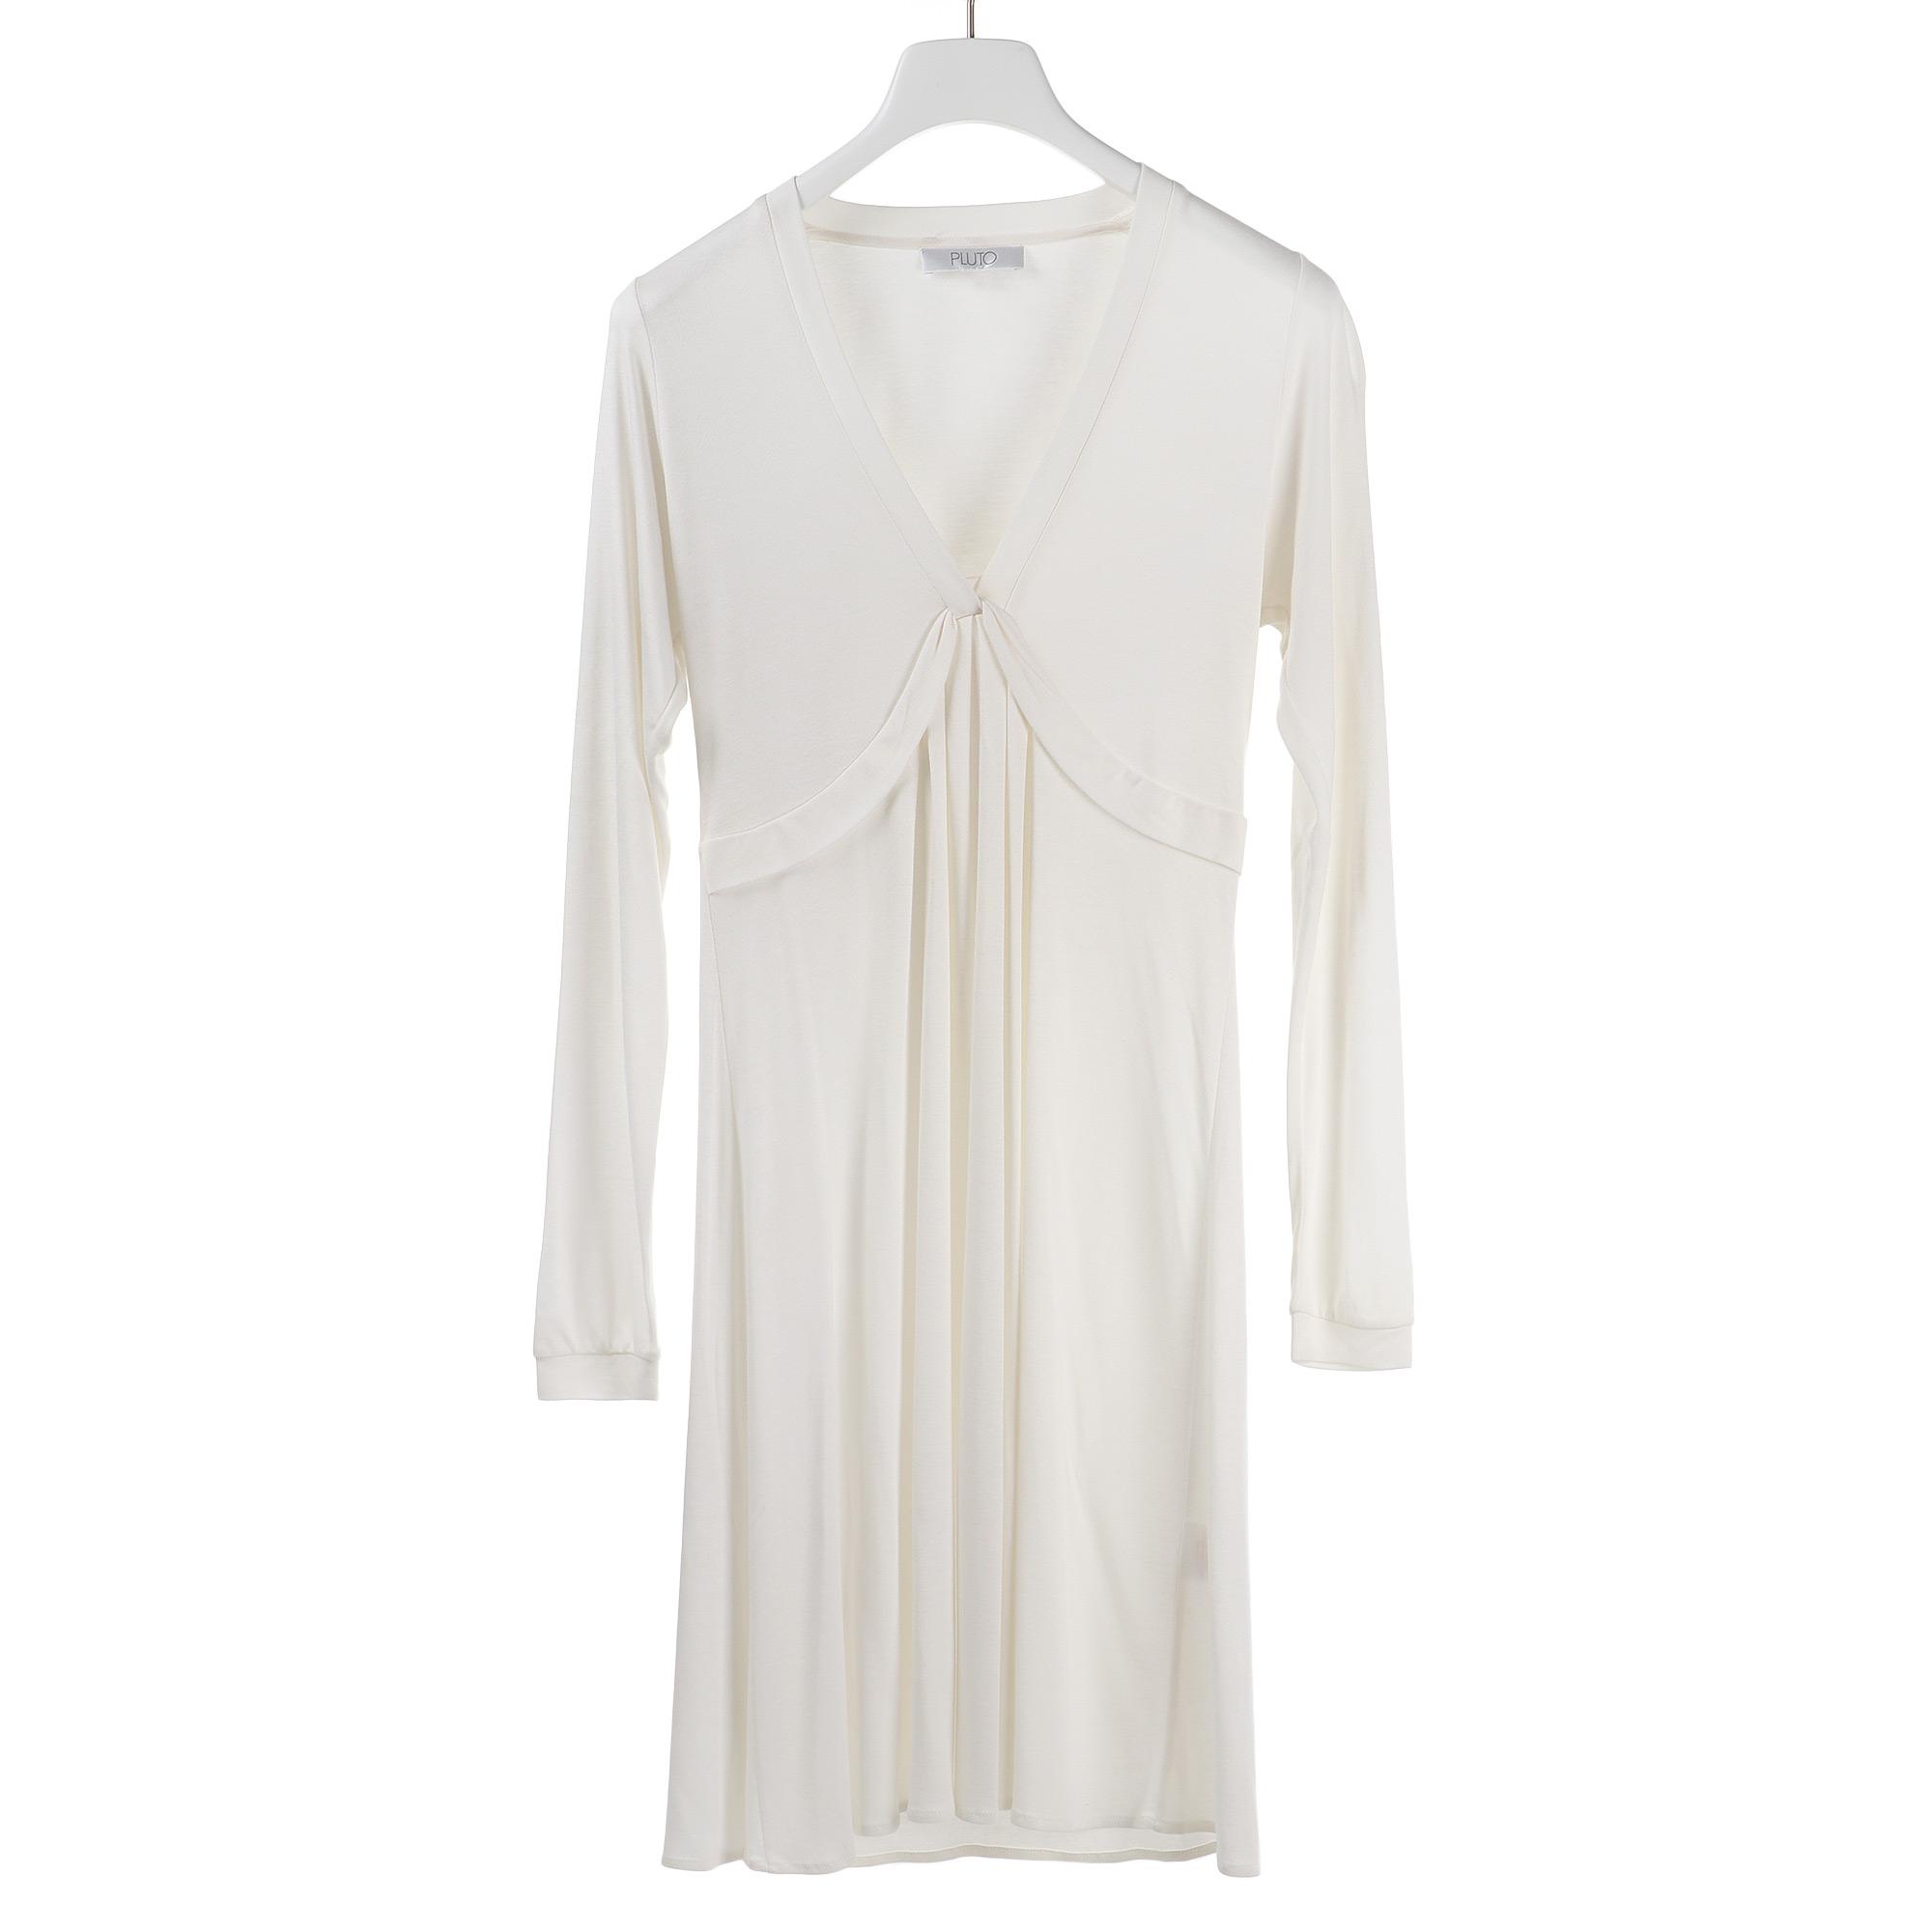 Платье женское для дома Pluto трикотажное M недорого